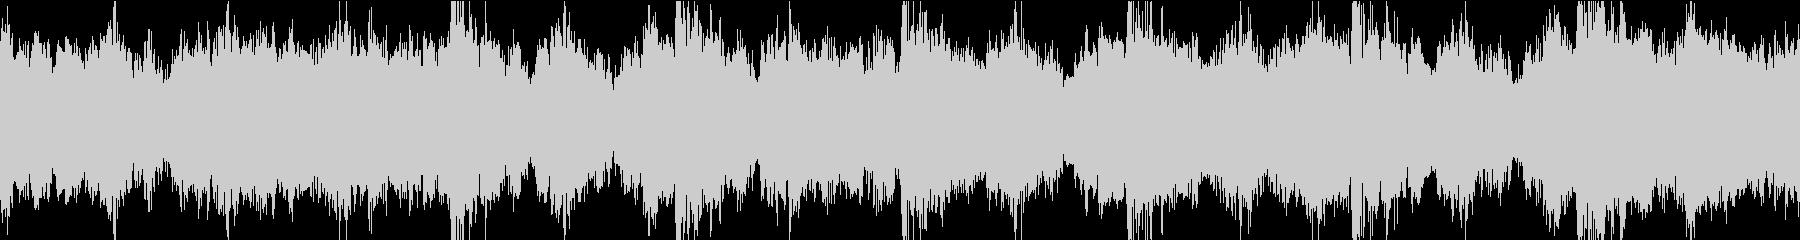 緊迫 緊急 オーケストラ ループの未再生の波形